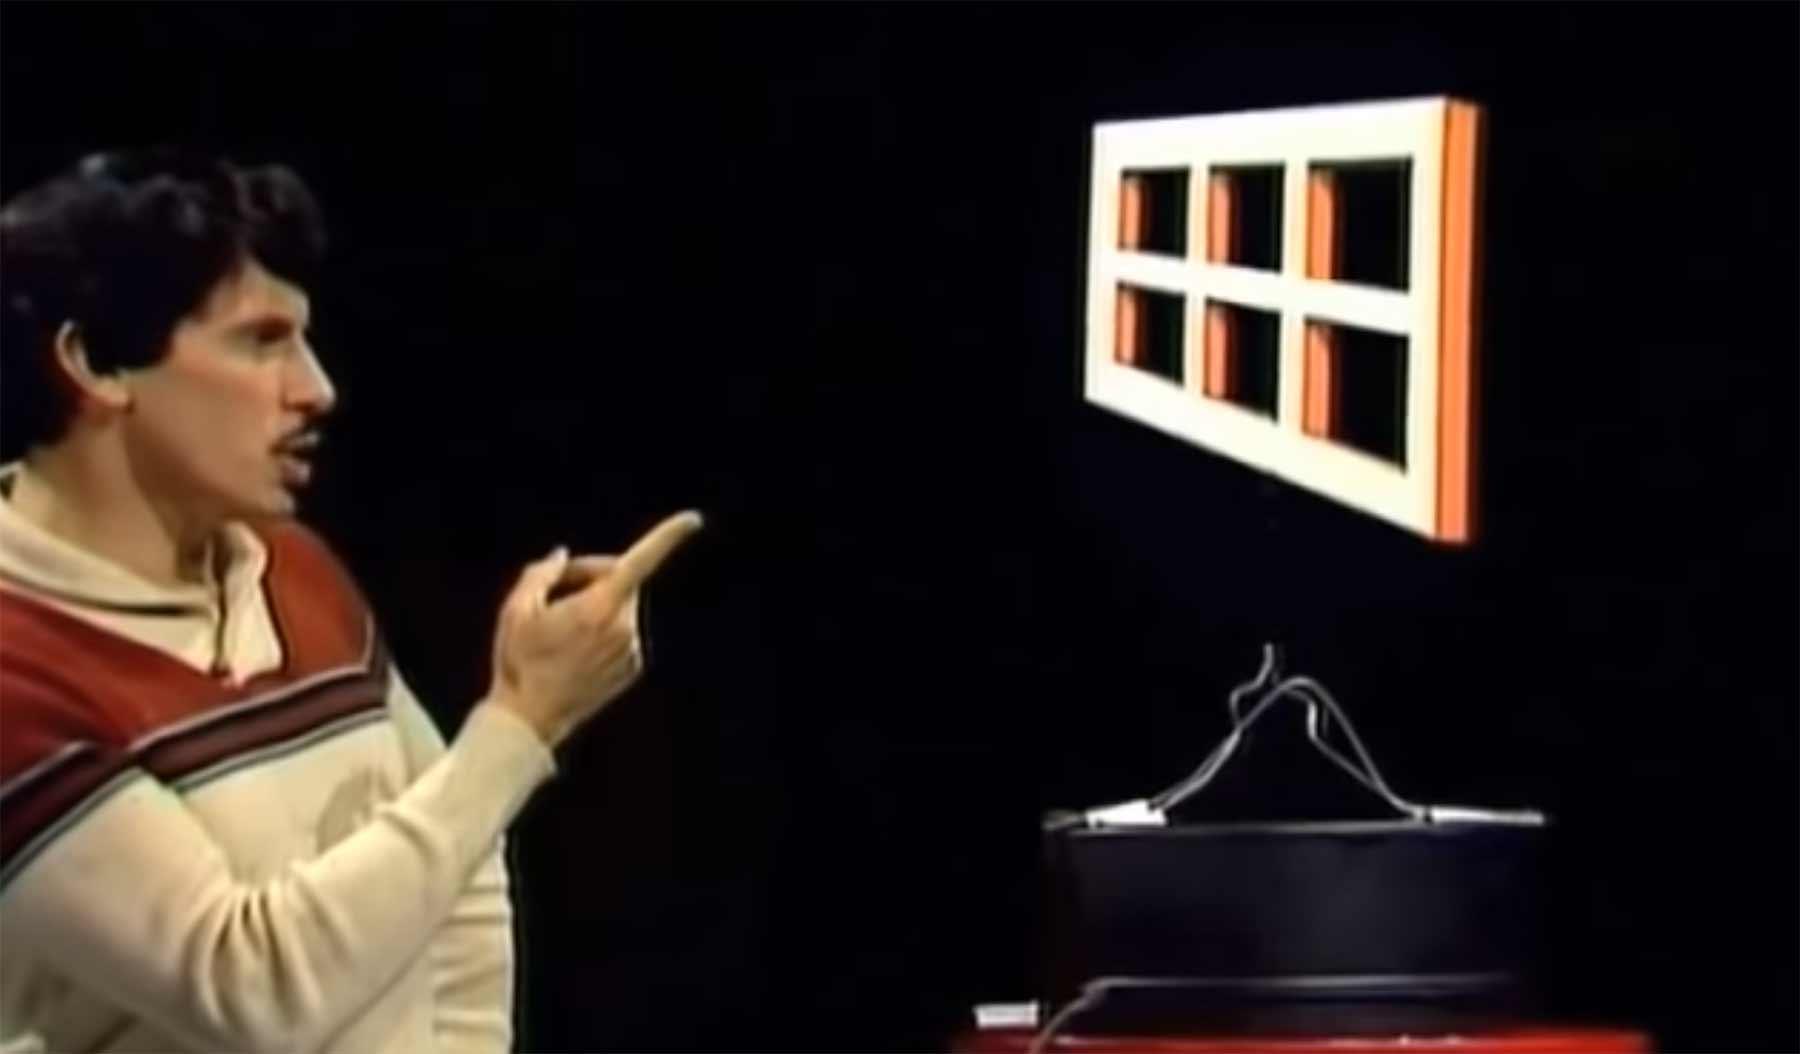 Gegen diese optische Illusion kannst du nichts machen